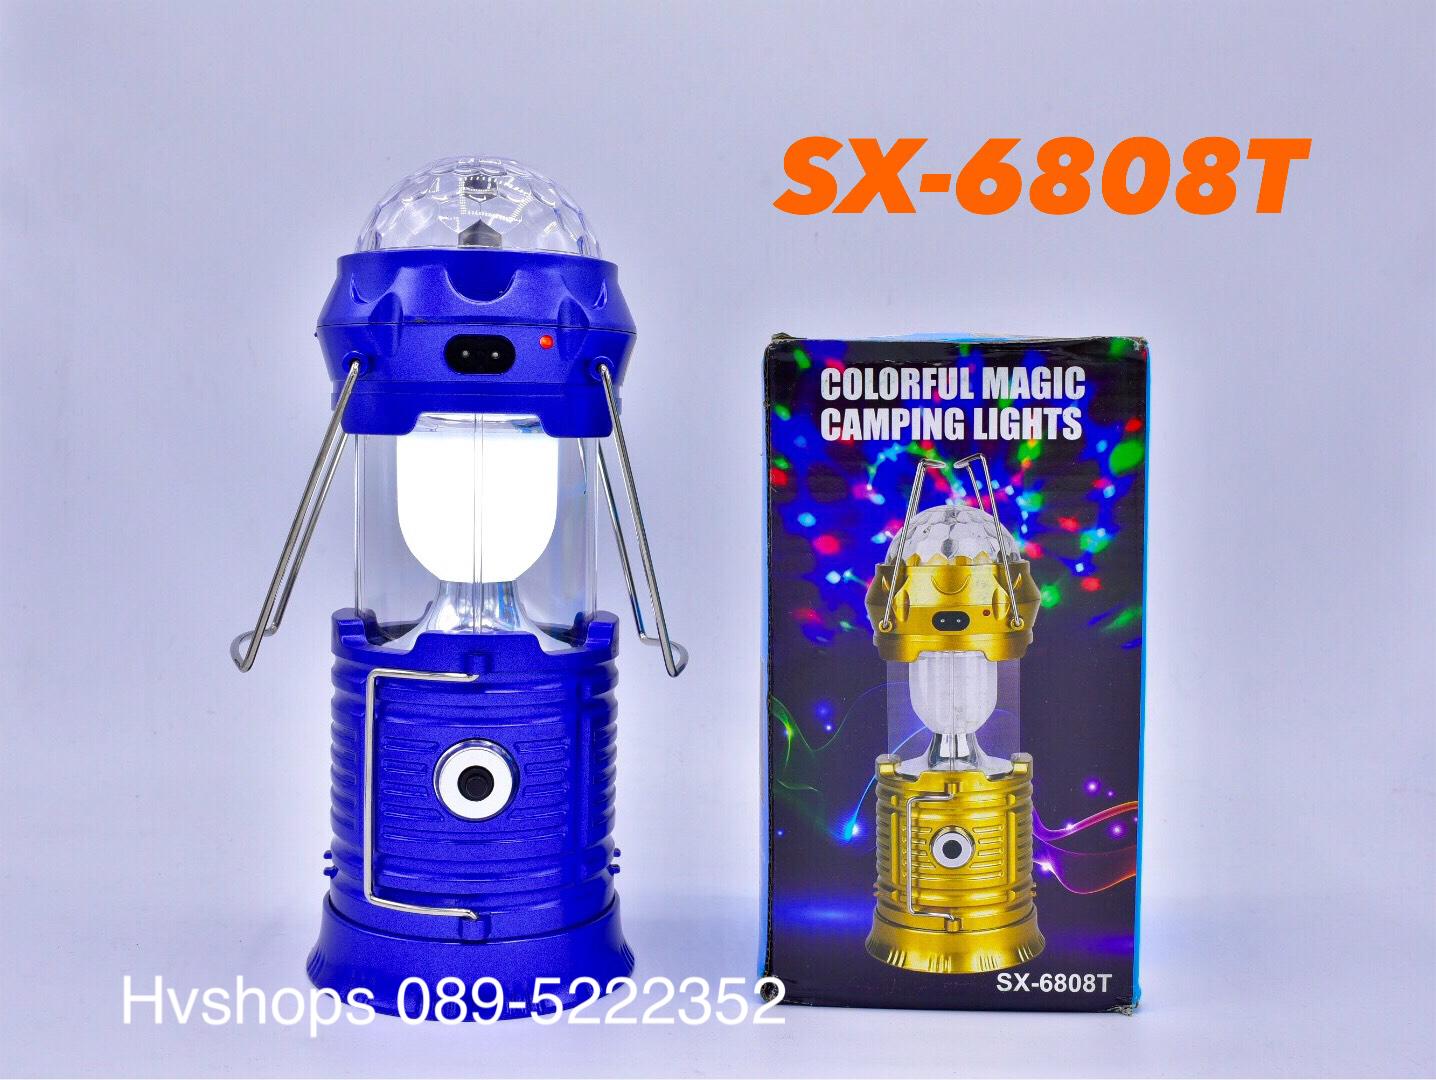 ตะเกียง LED รุ่น SX-6808T